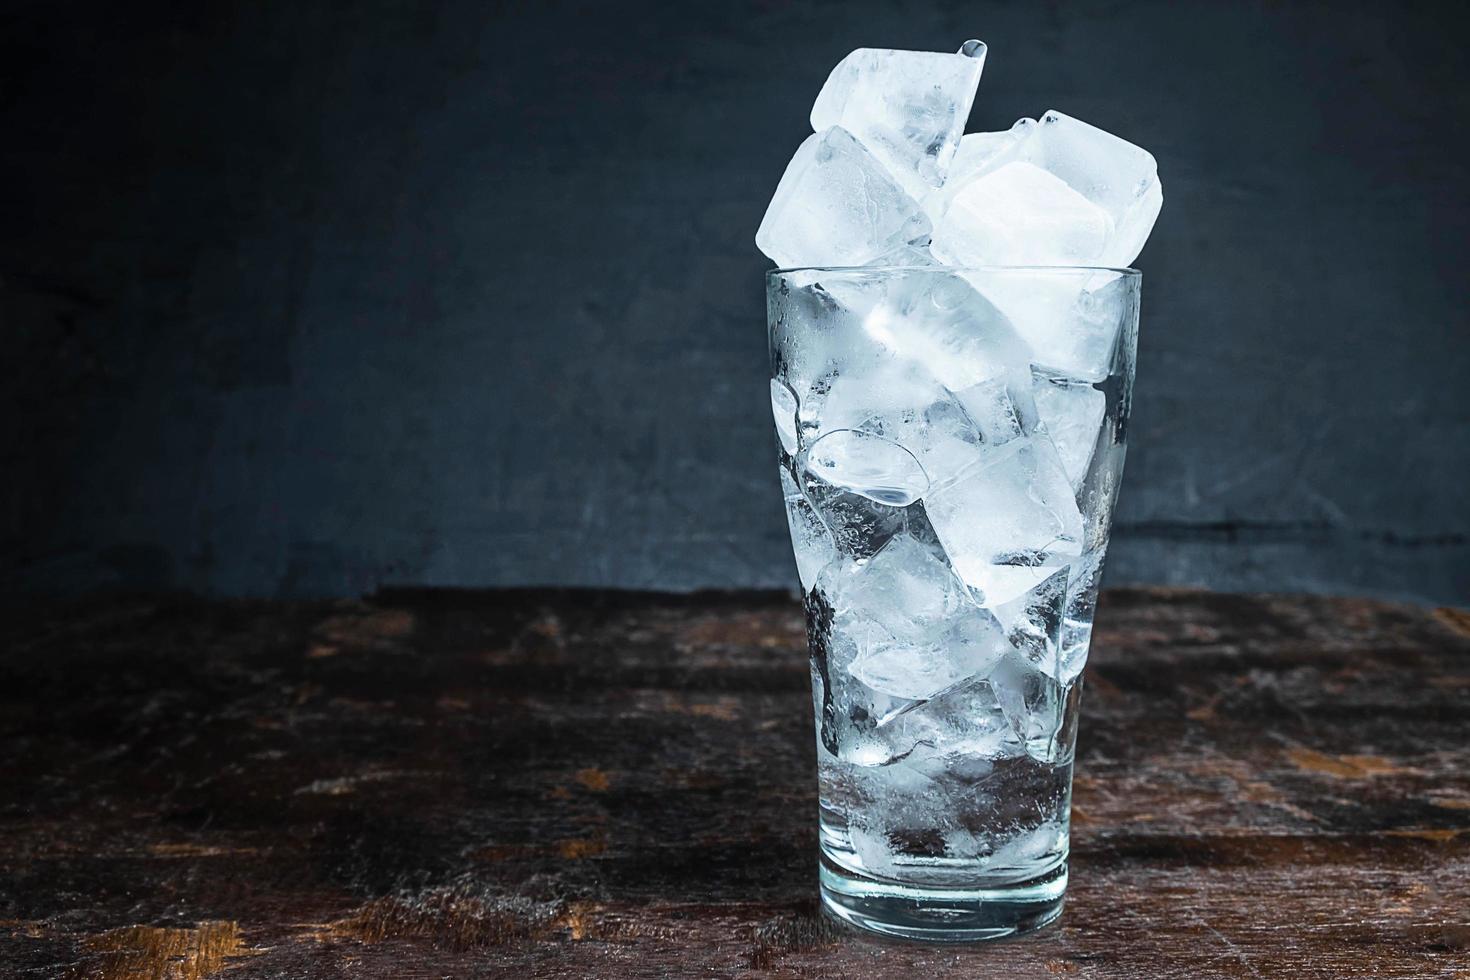 Le entropía explica por qué es más facil que un hielo se derrita que que el agua se congele.